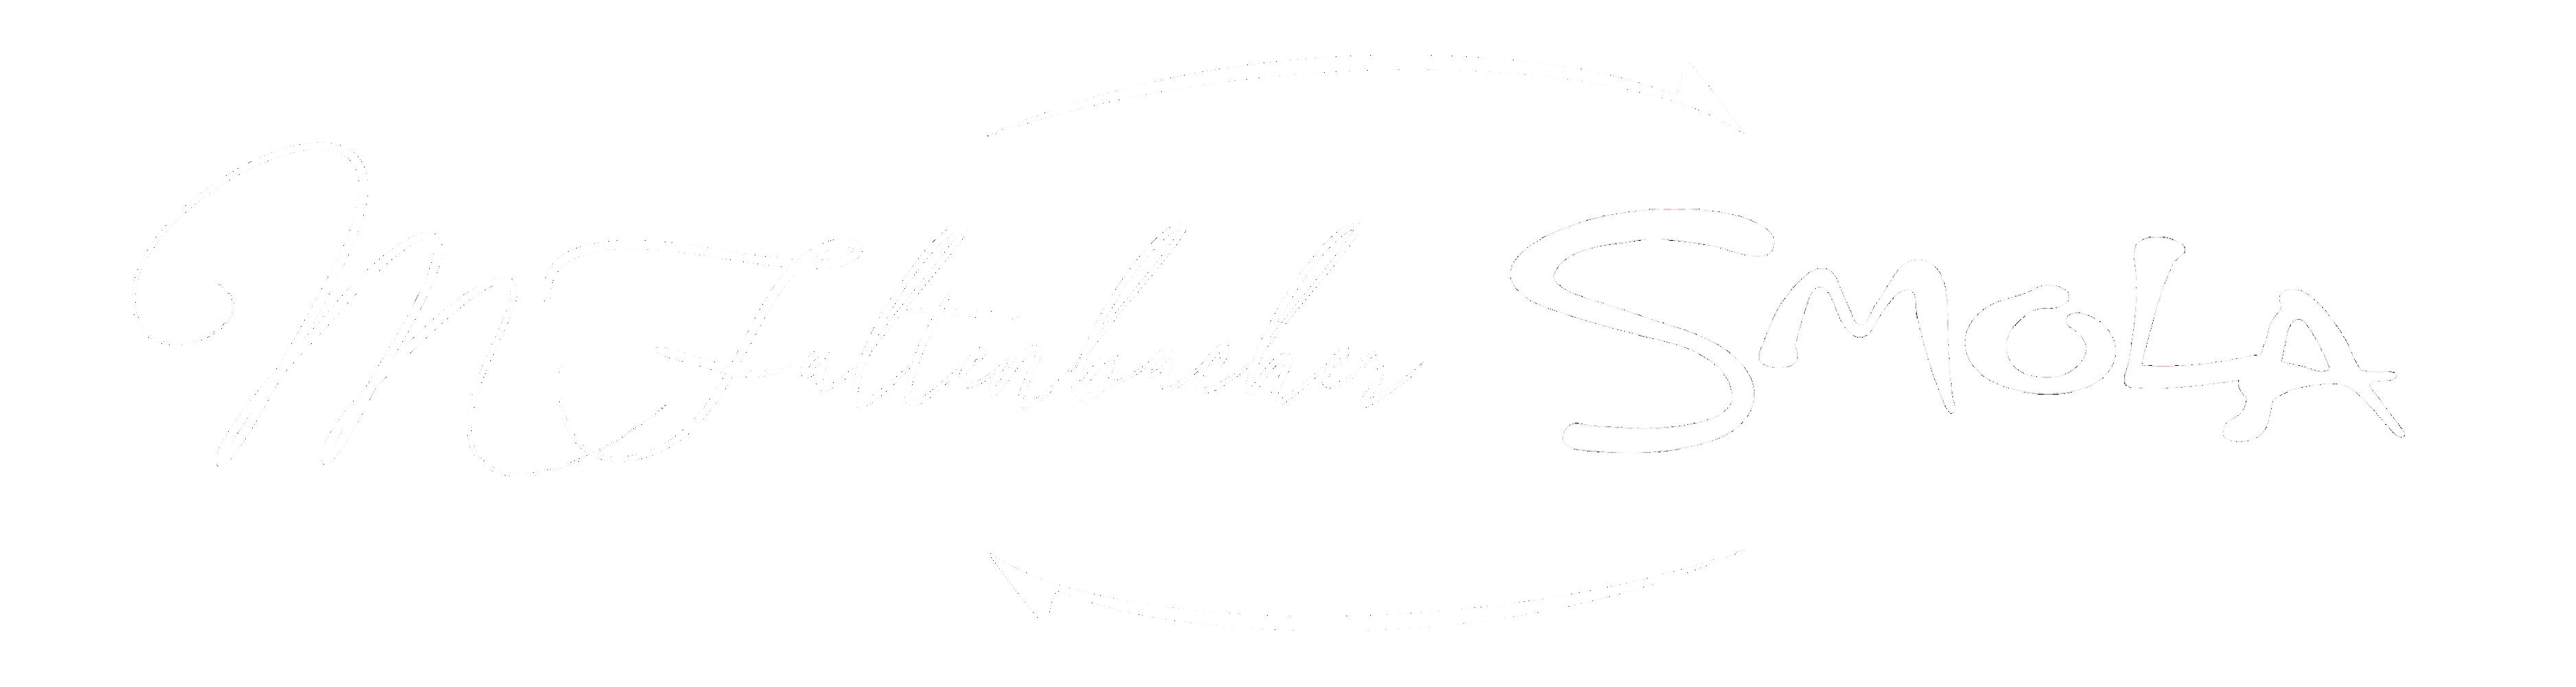 Faltenbacher & Smola